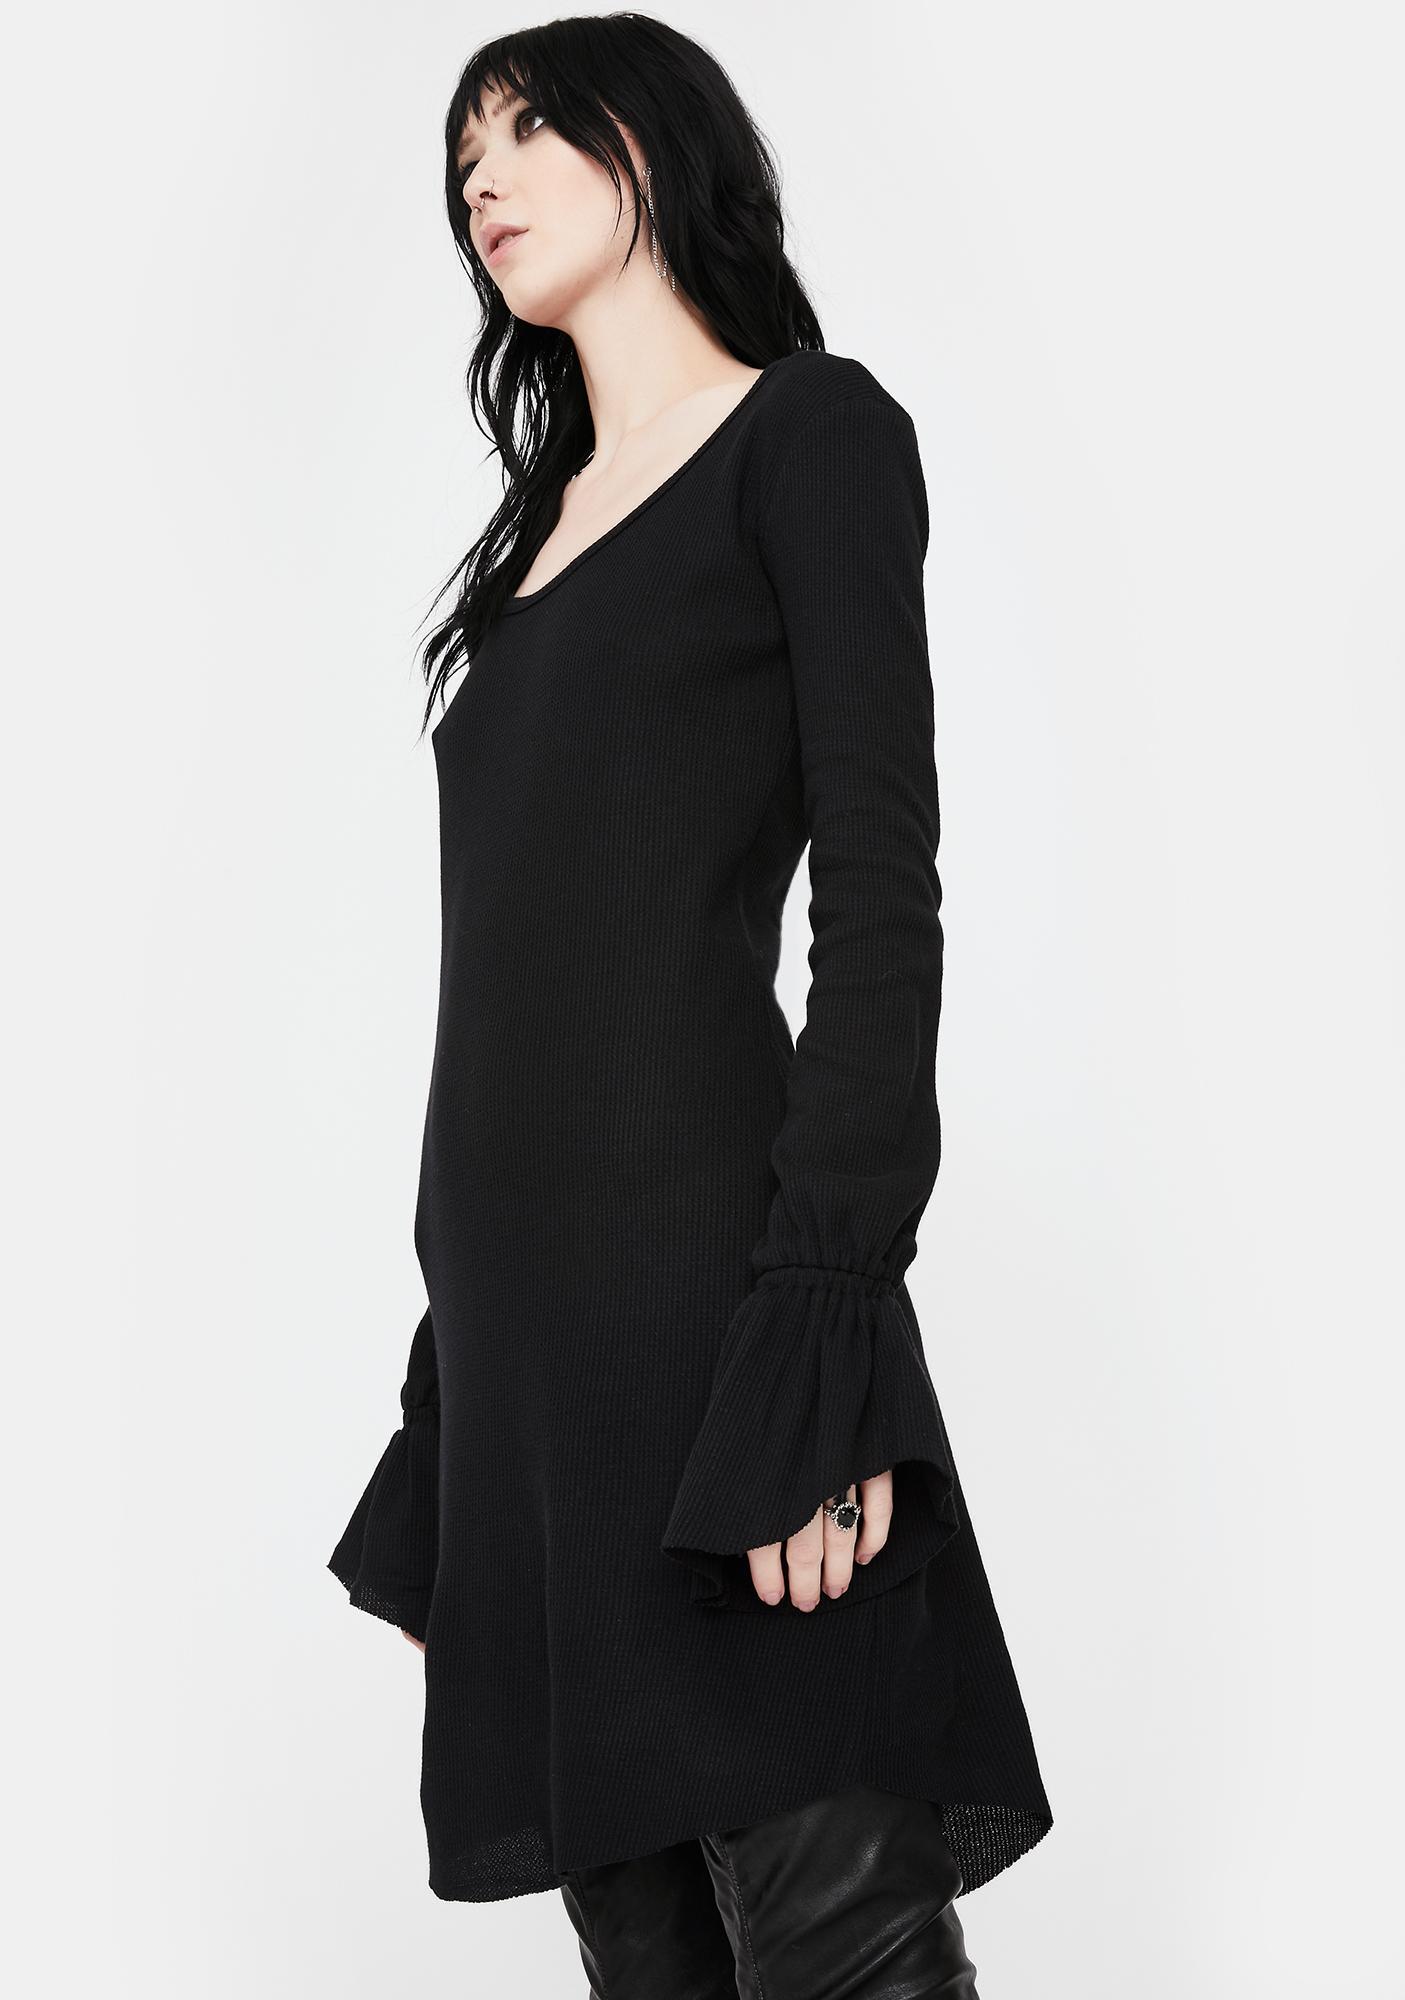 NOCTEX Roco Thermal Mini Dress